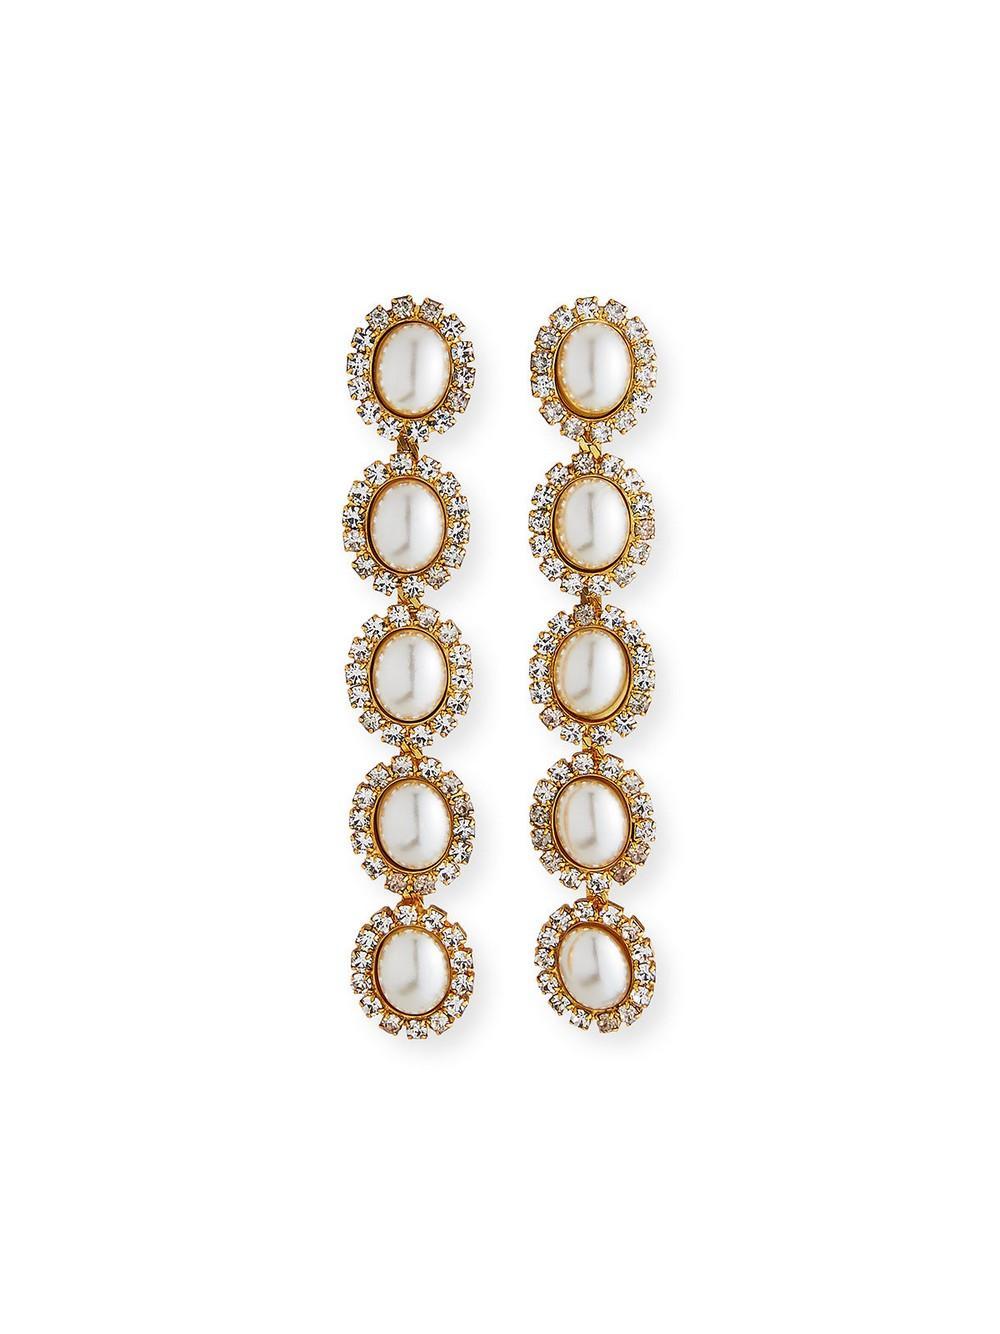 Von Earrings Item # TD18E15-PRL-C